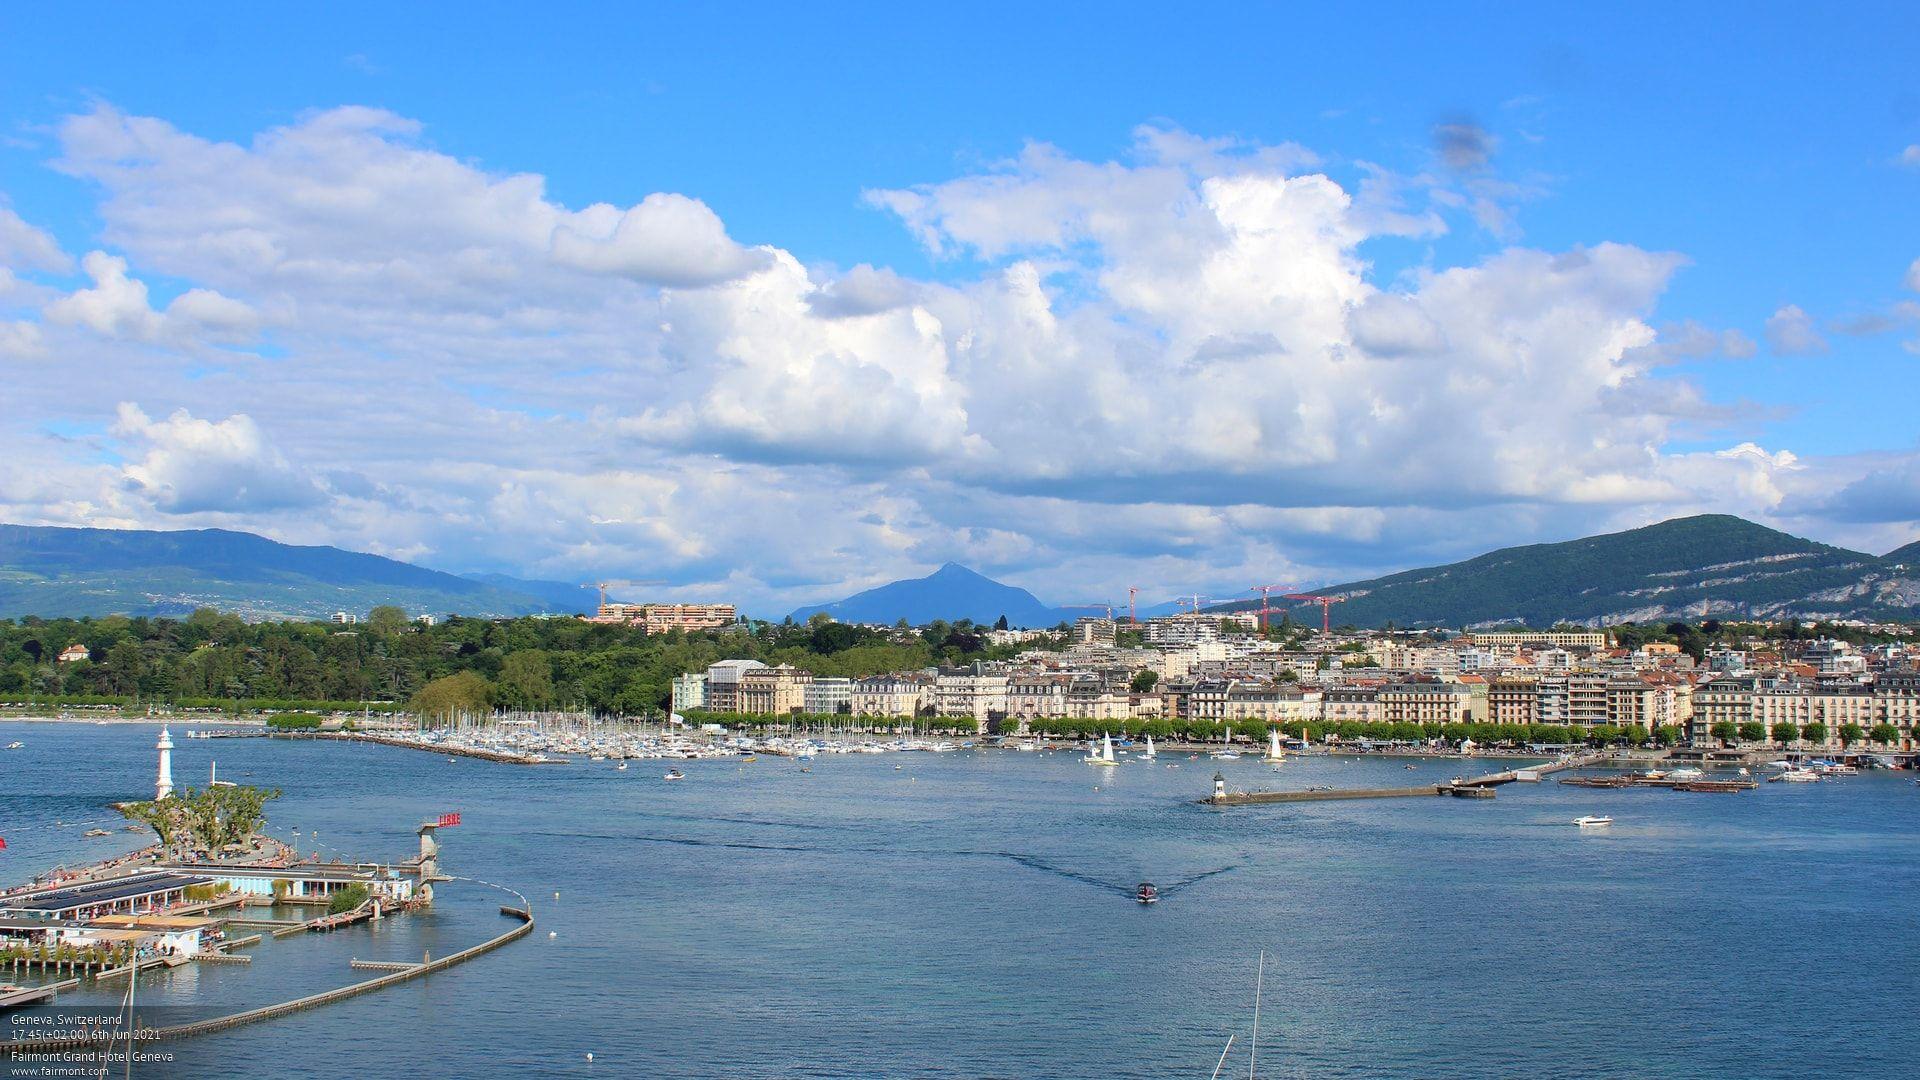 Webcam sur la rade de Genève avec le Jet d'eau.